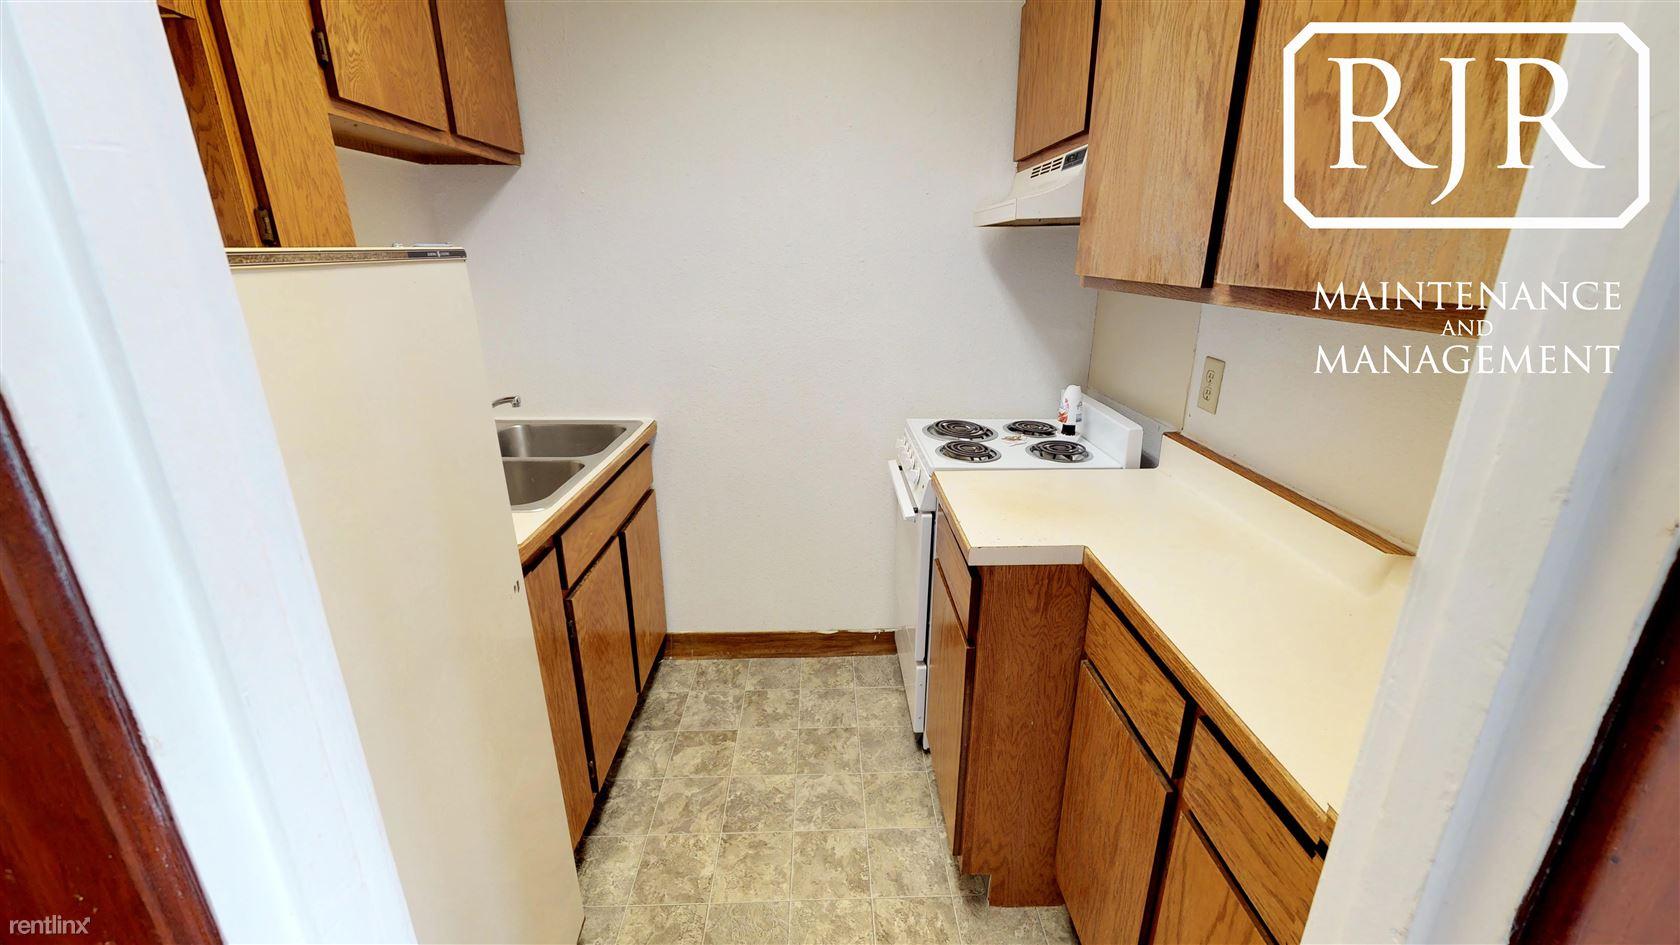 201 1st Ave NW, Mandan, ND - $475